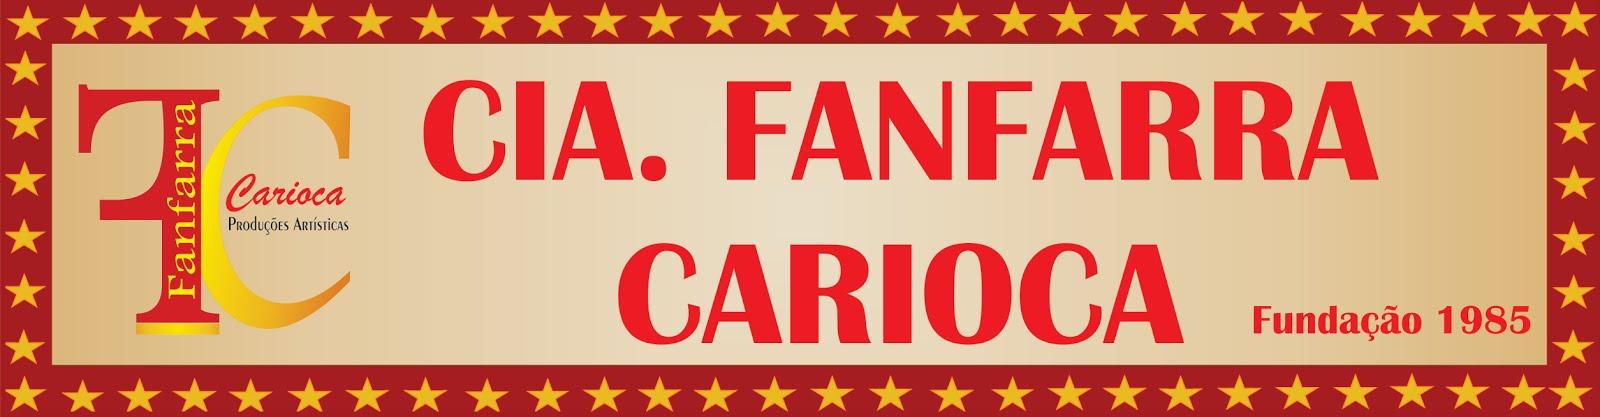 CIA. FANFARRA CARIOCA